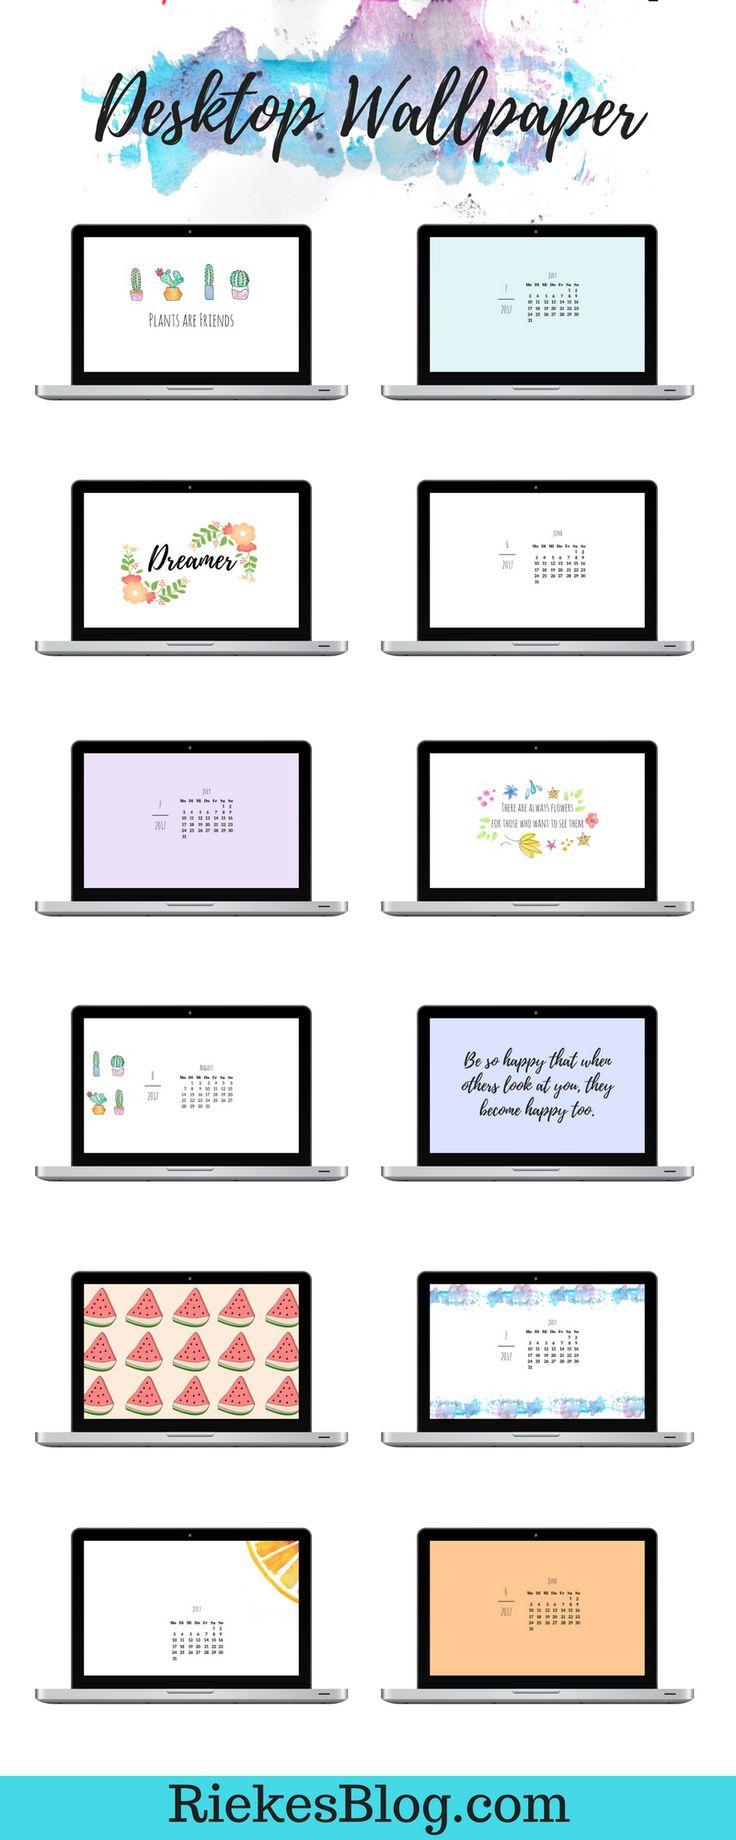 Hier findest du Desktop Hintergründe, die deinen Computer noch schöner machen. Stöbere durch die Wallpaper und lade dir deinen Favouriten auf RiekesBlog einfach herunter. Und das Beste: die Desktophintergründe werden immer aktualisiert, sodass du jeden Monat einen Neuen hast!